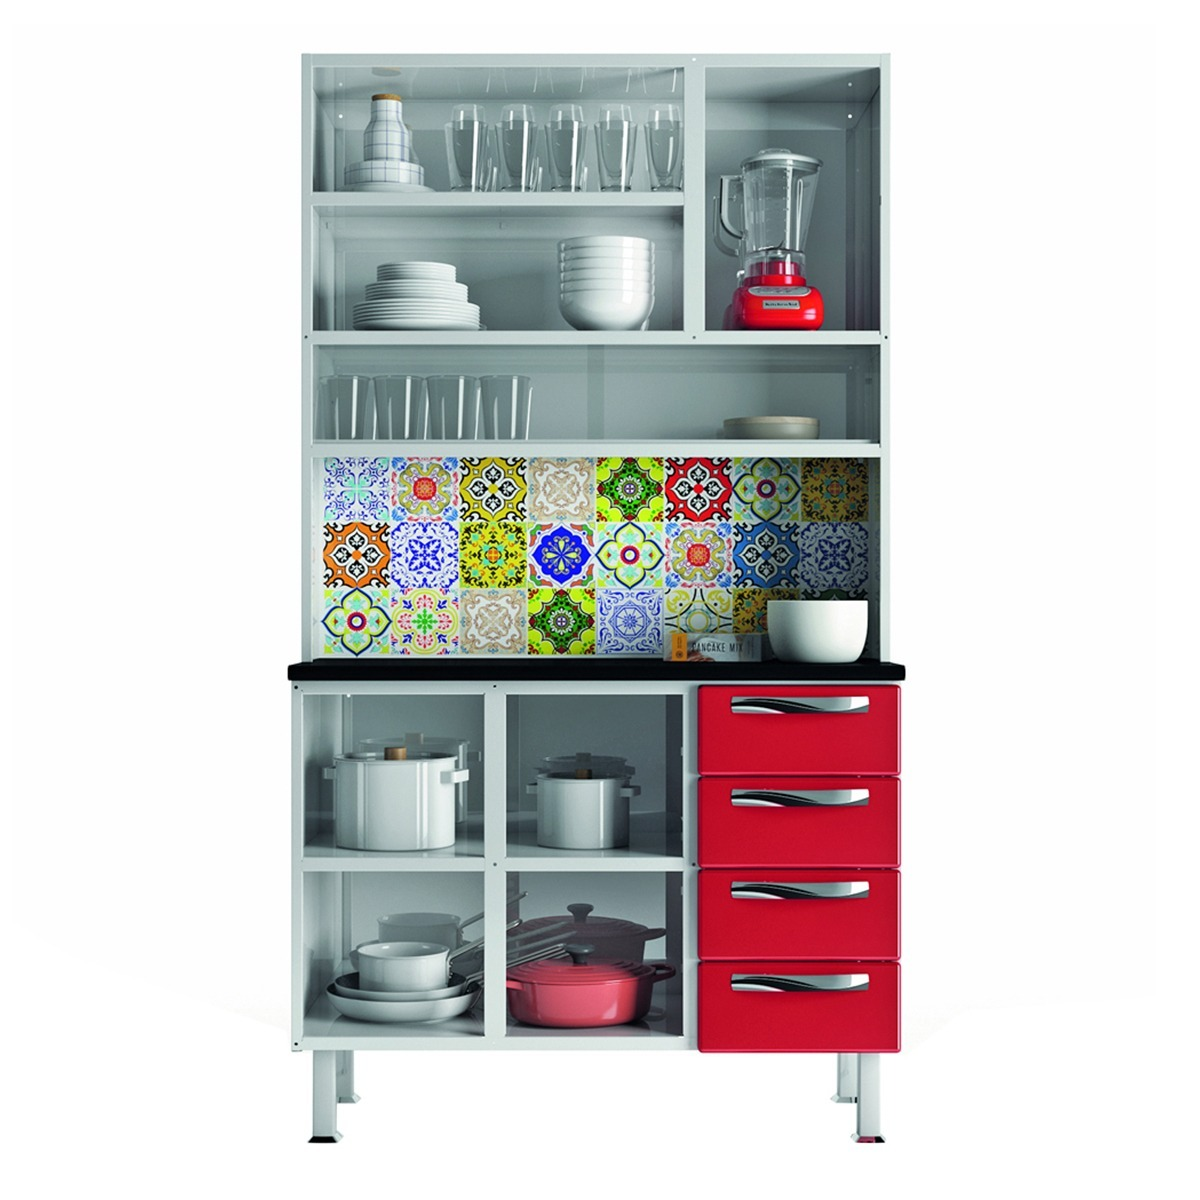 Kit de Cozinha Colormaq Colours 5 Portas e 4 Gavetas em Aço e Vidro Branco e Vermelho